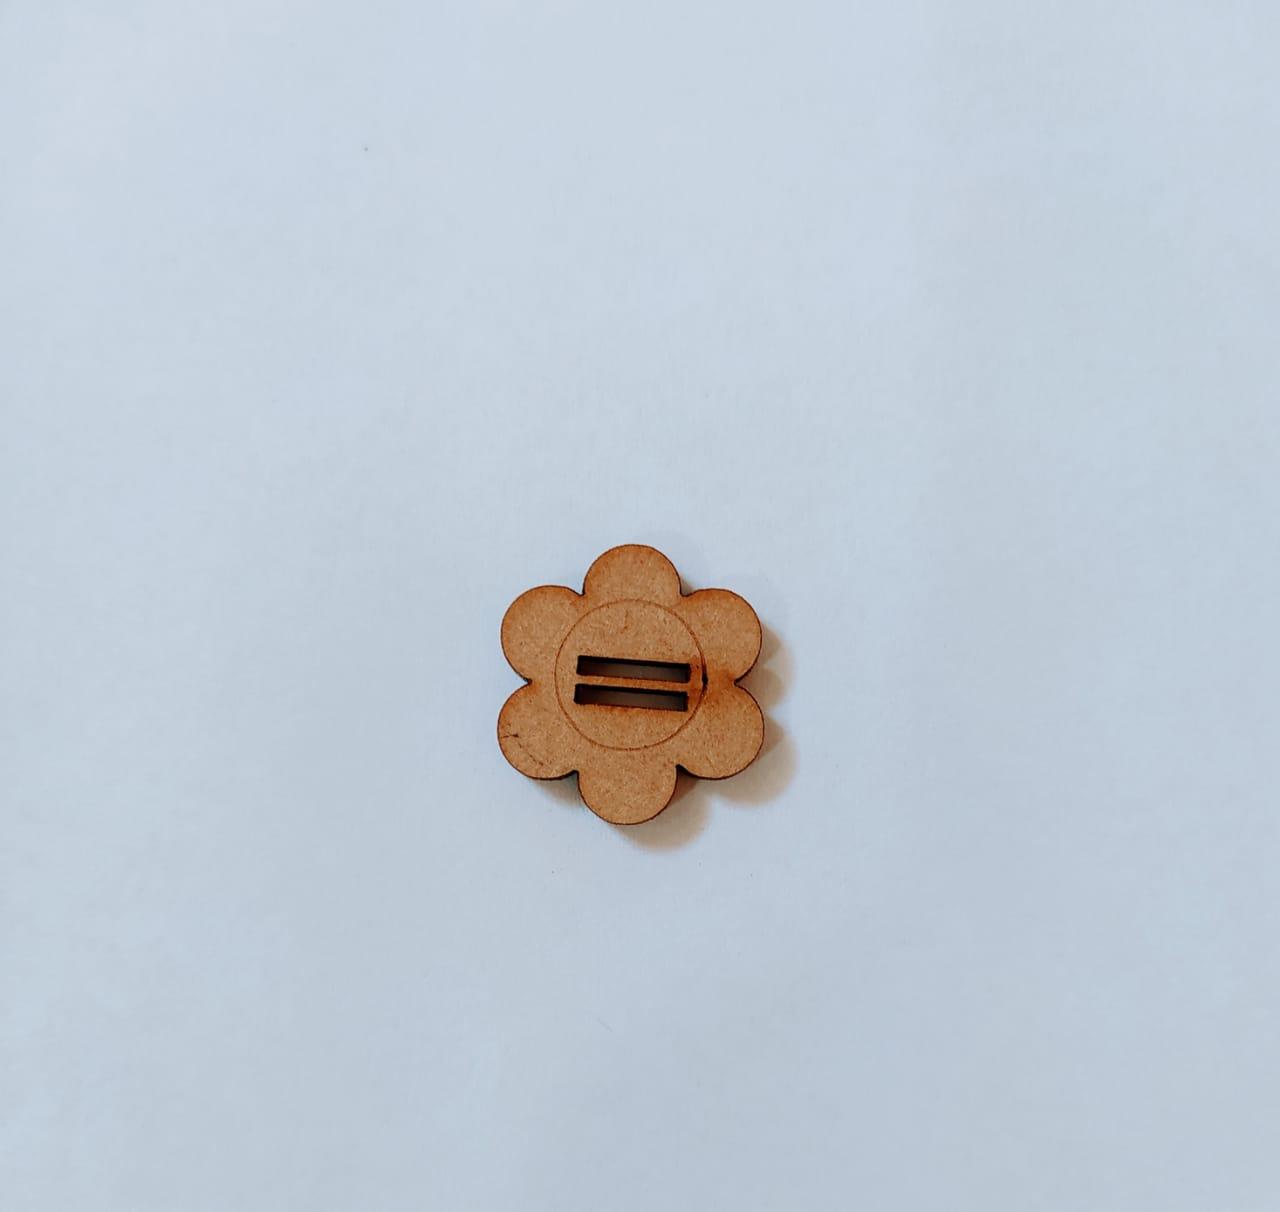 Passante para Elástico - Flor Margarida - 2cm (10 unidades) em MDF